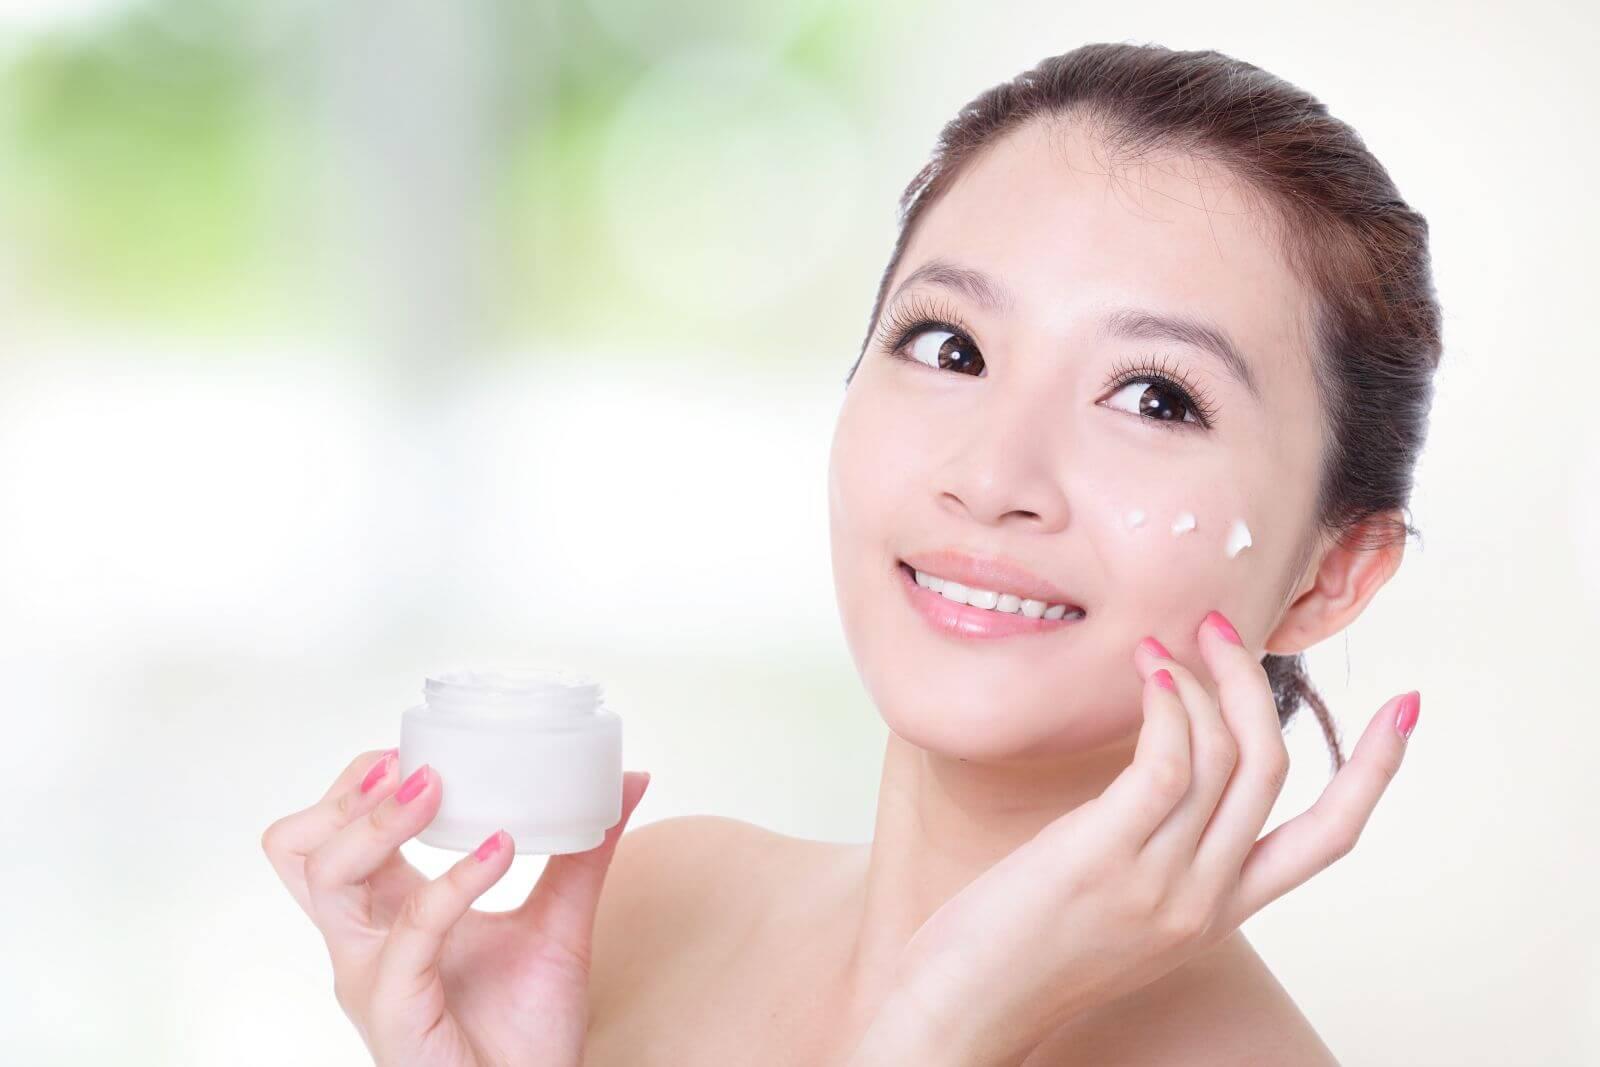 Dưỡng da chủ yếu là để bổ sung nước. Thông thường, sau khi rửa mặt, da sẽ bị khô, dễ bị thiếu nước. Việc sử dụng dưỡng da sau khi rửa mặt sẽ giúp da đỡ khô hơn. Hoặc những bạn da bị nhờn, thì kem dưỡng sẽ giúp kiềm hãm lại lượng nhờn tiết ra.